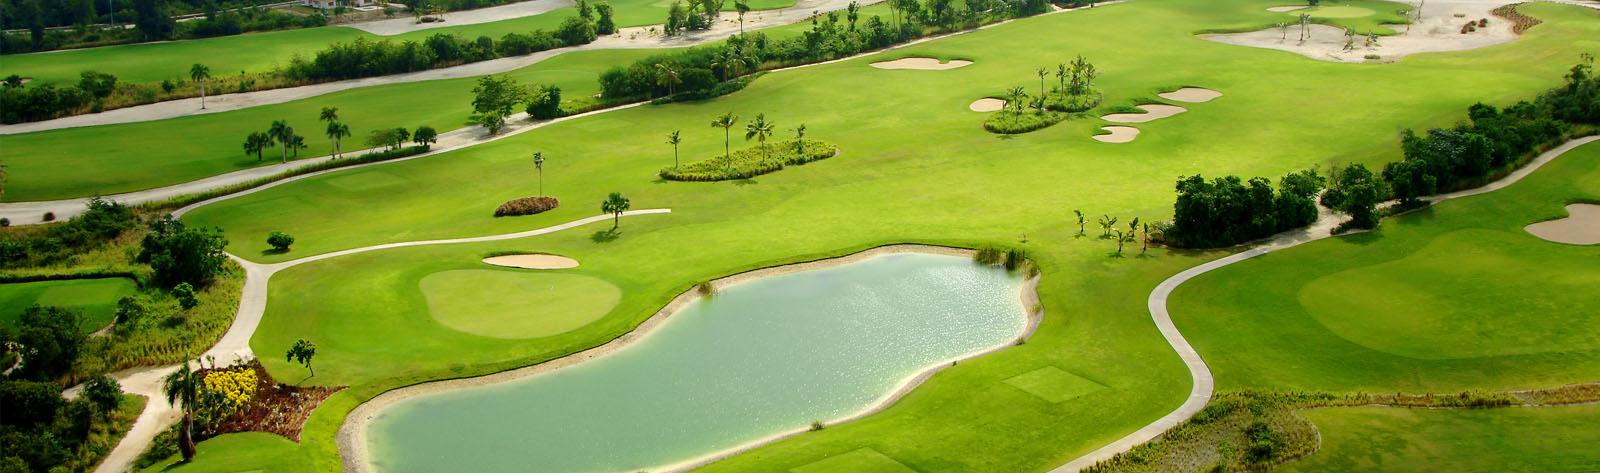 Punta Blanca Golf Course 1